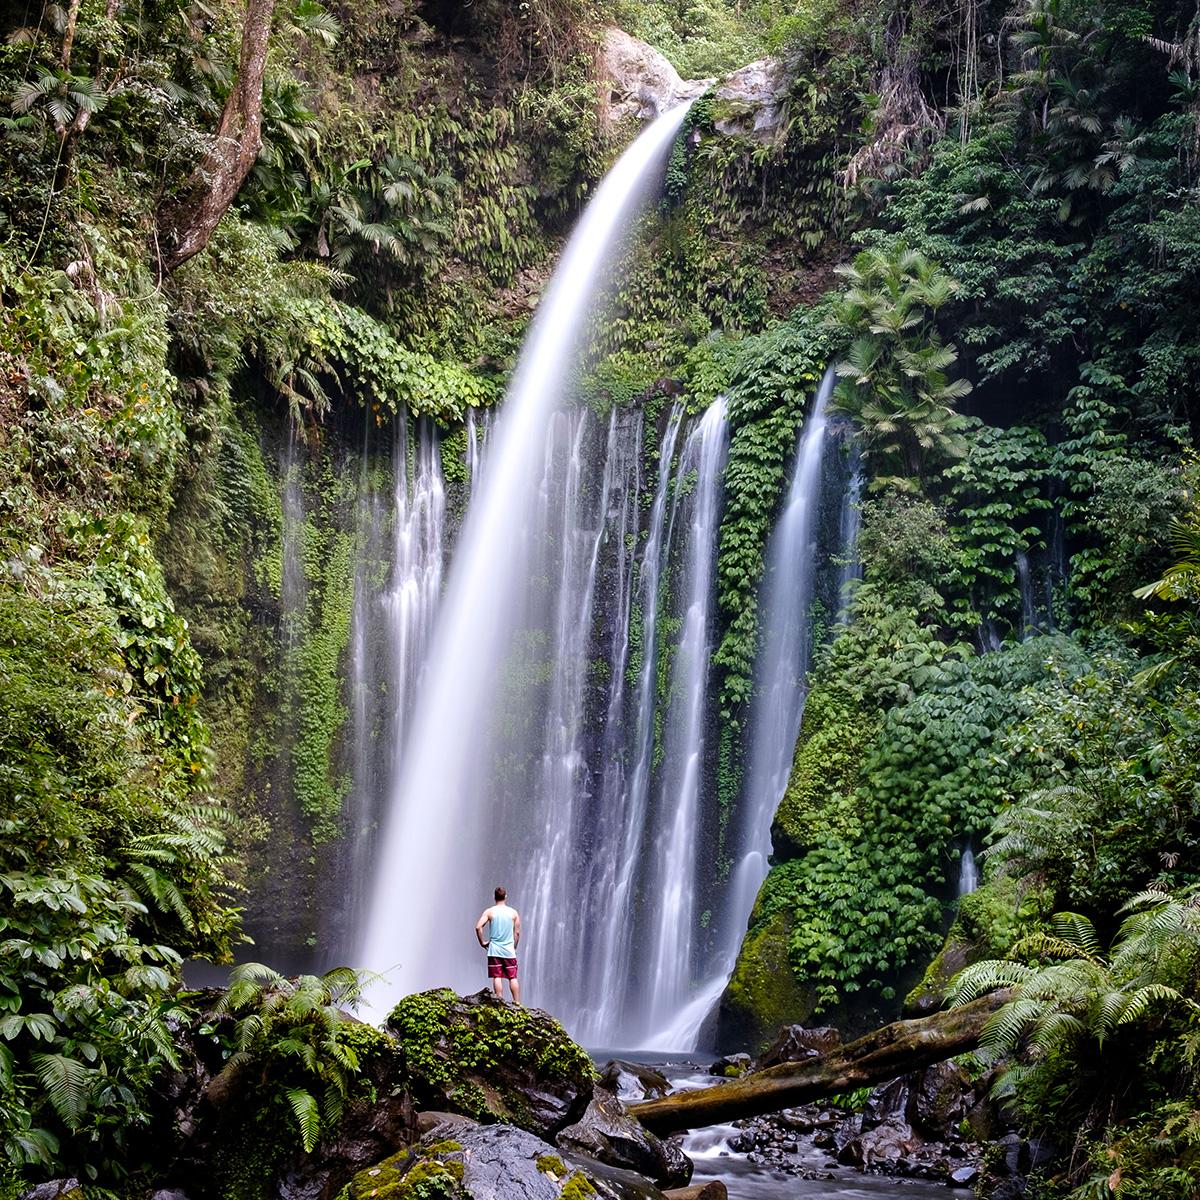 Sacha devant les chutes Tiu Kelep, sur l'île de Lombok.